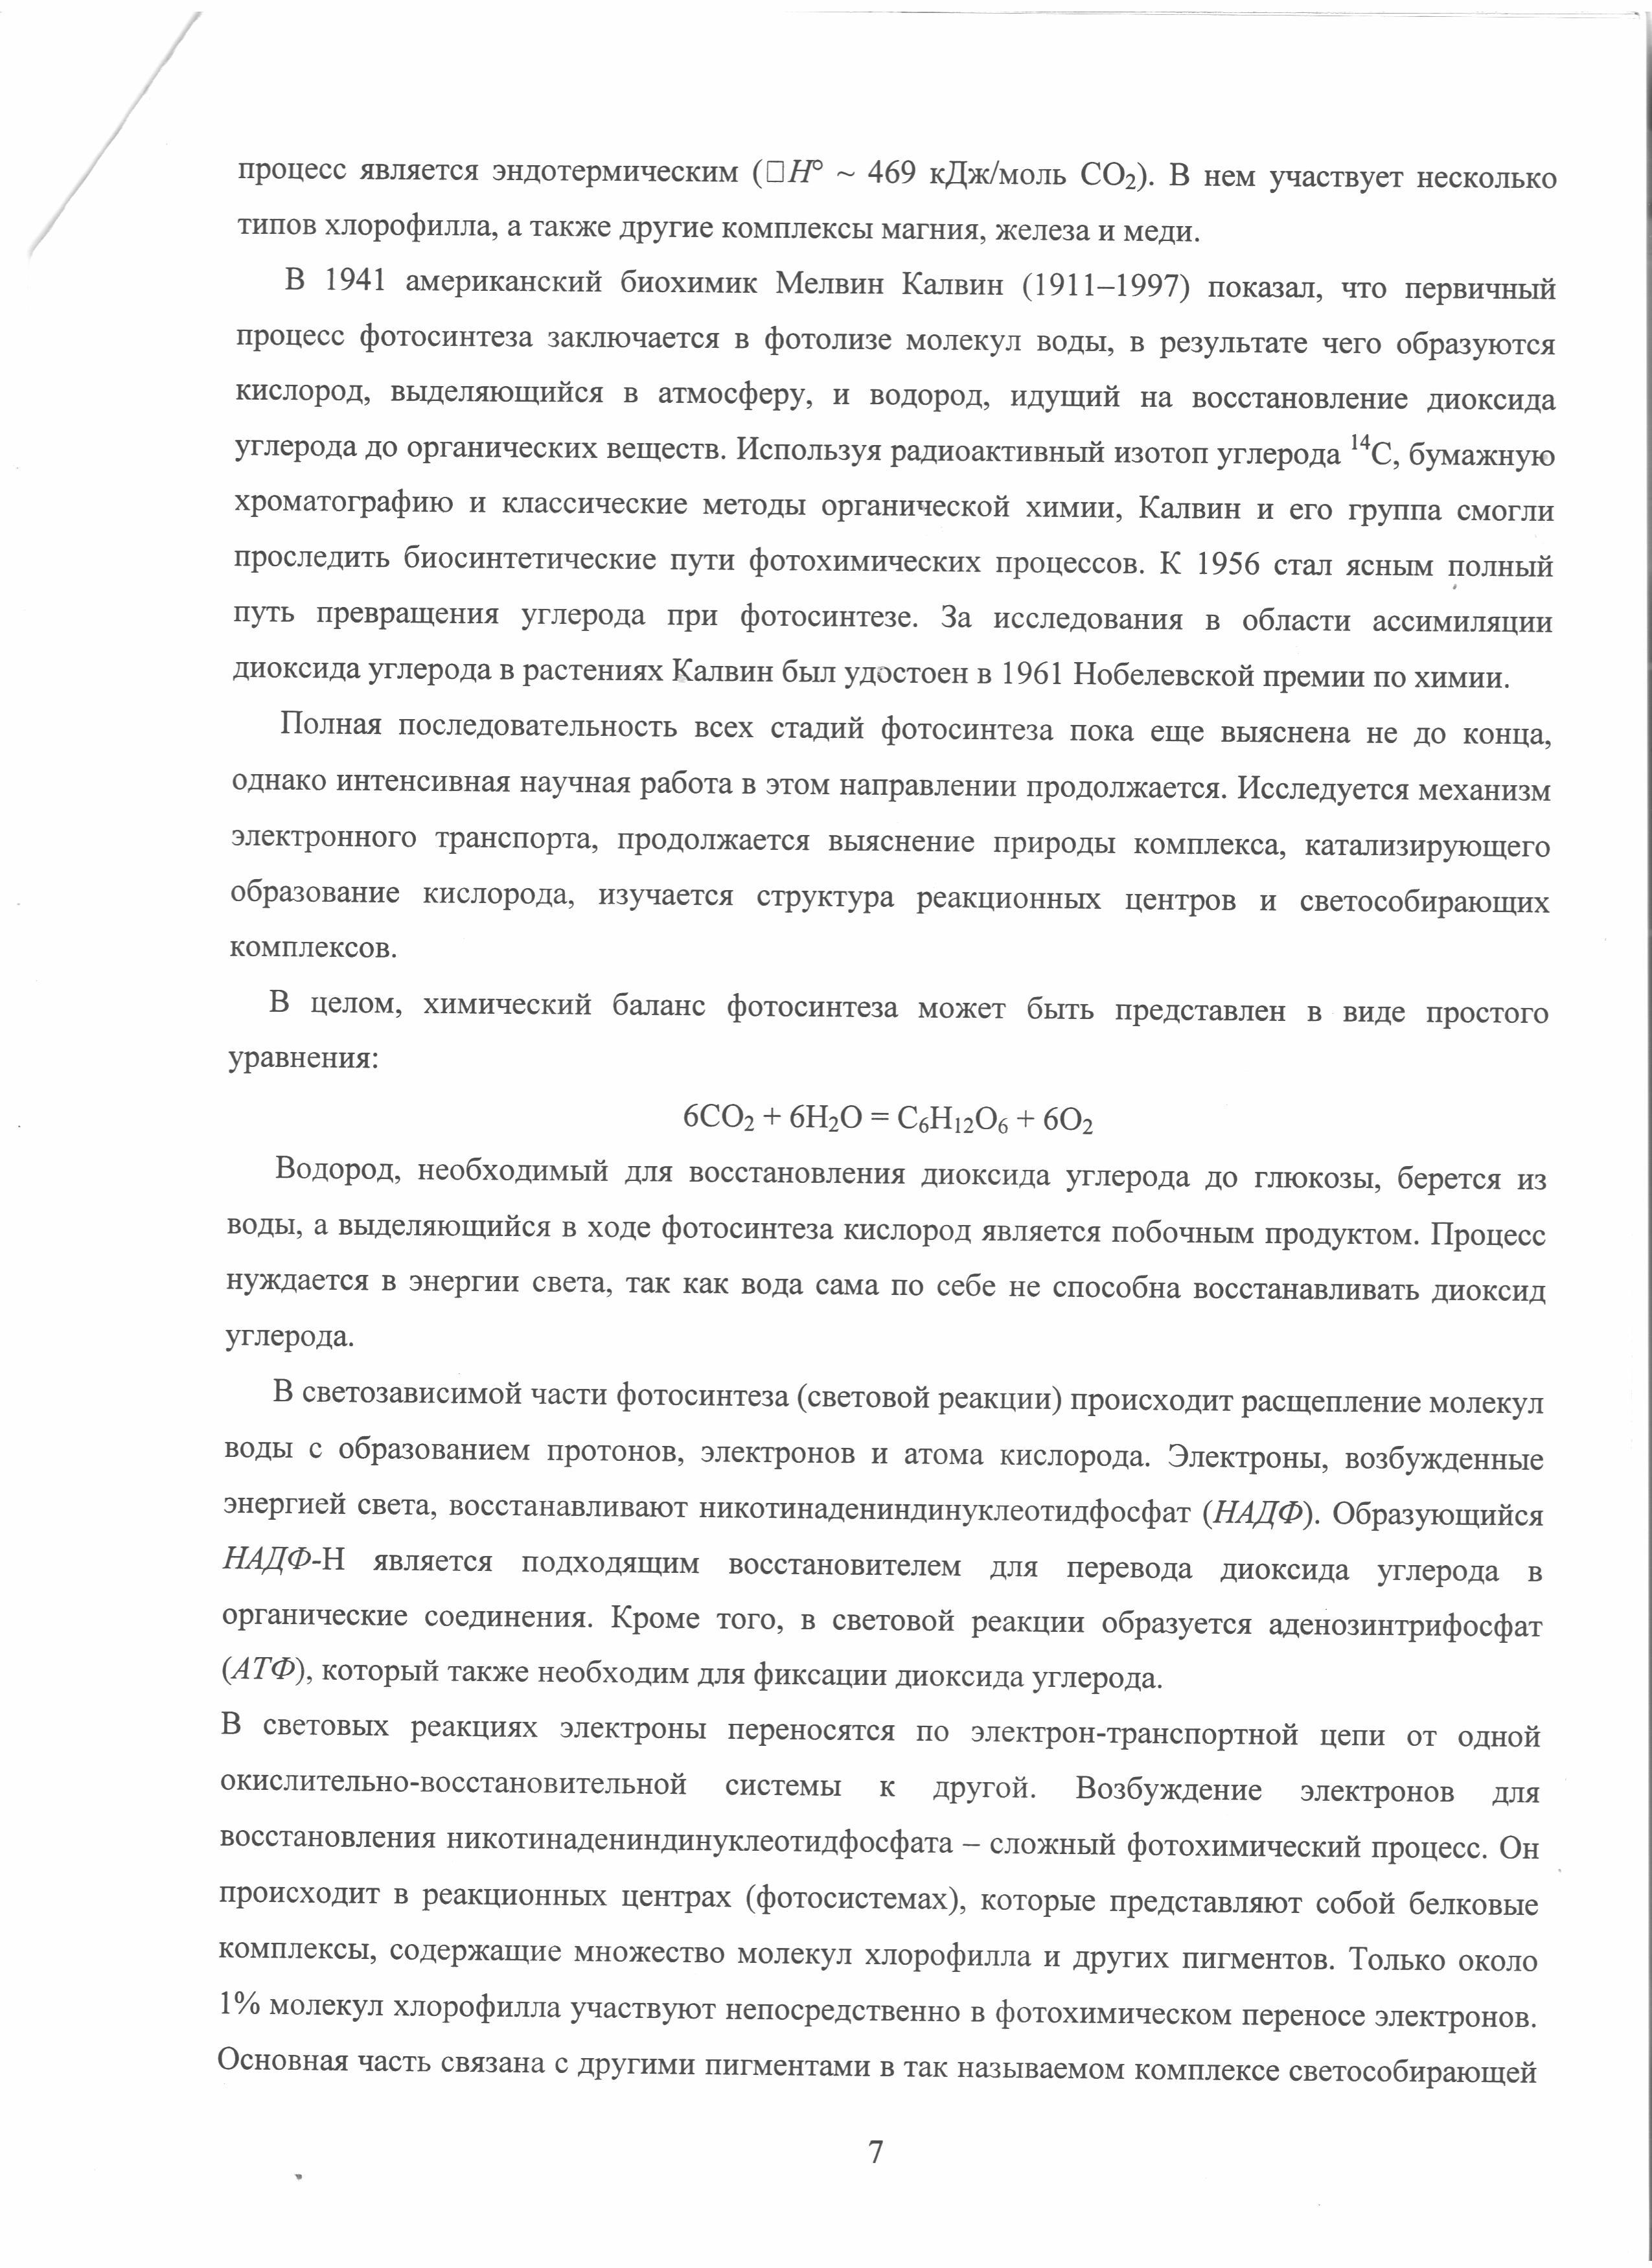 F:\диагностика\Сангаджиев В.Н\2015-09-28\022.tif